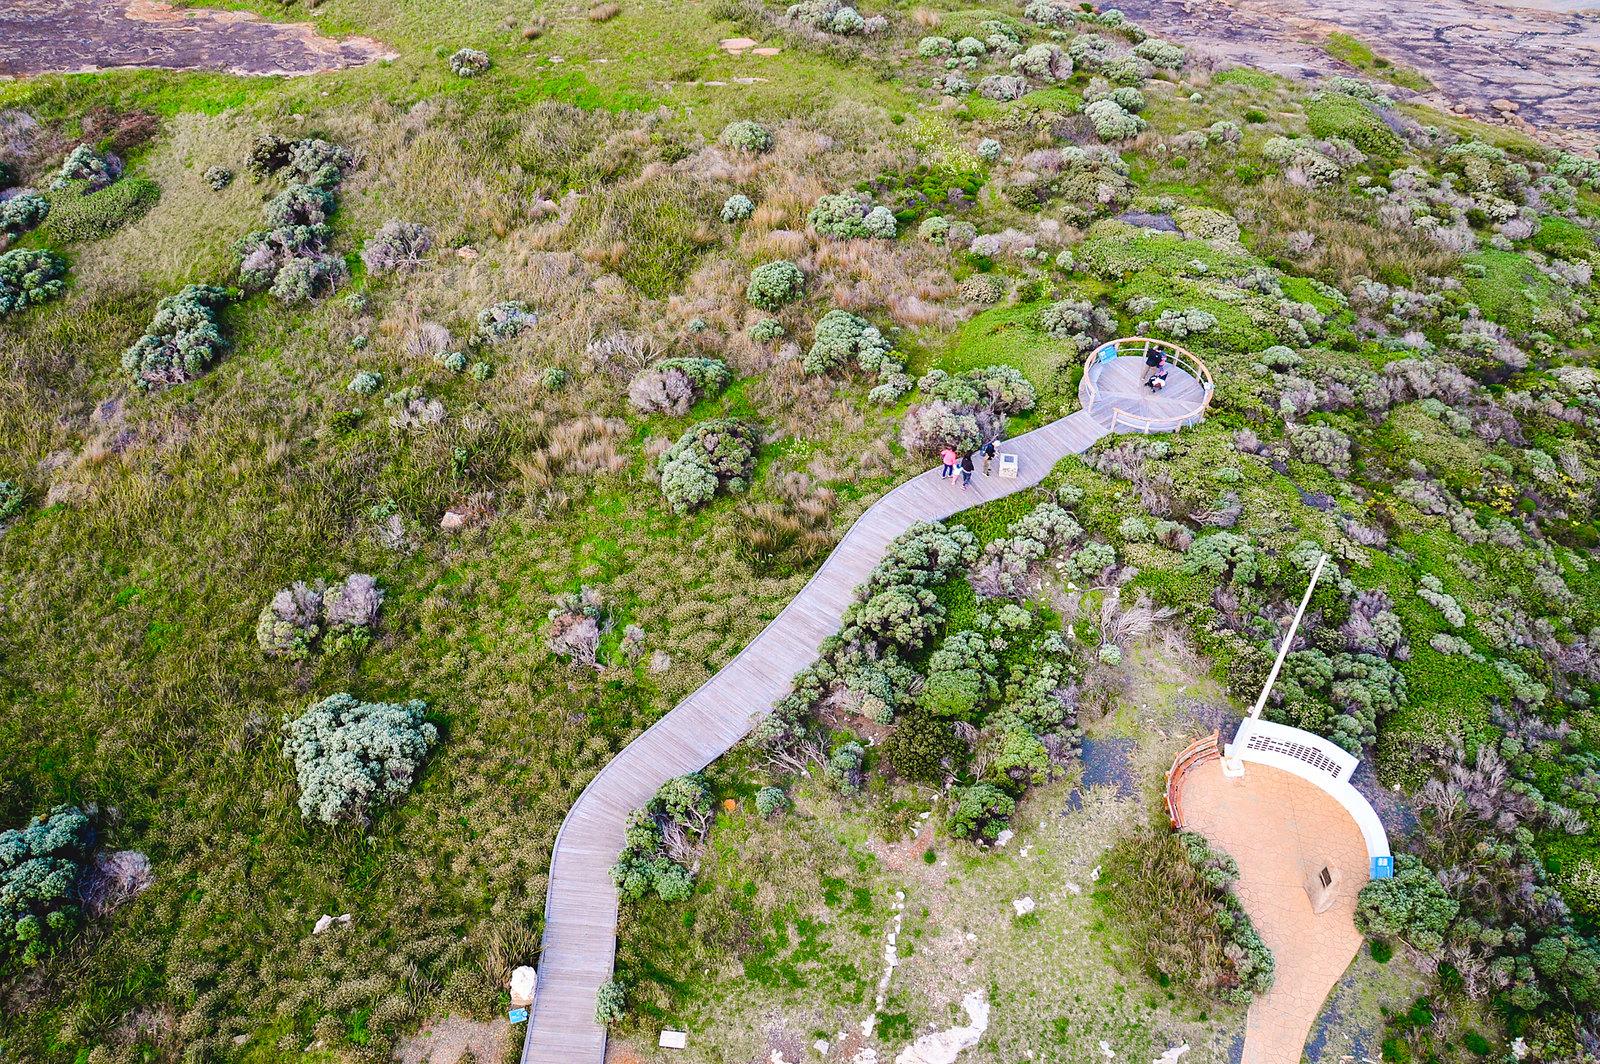 Cape Leeuwin, Western Australia